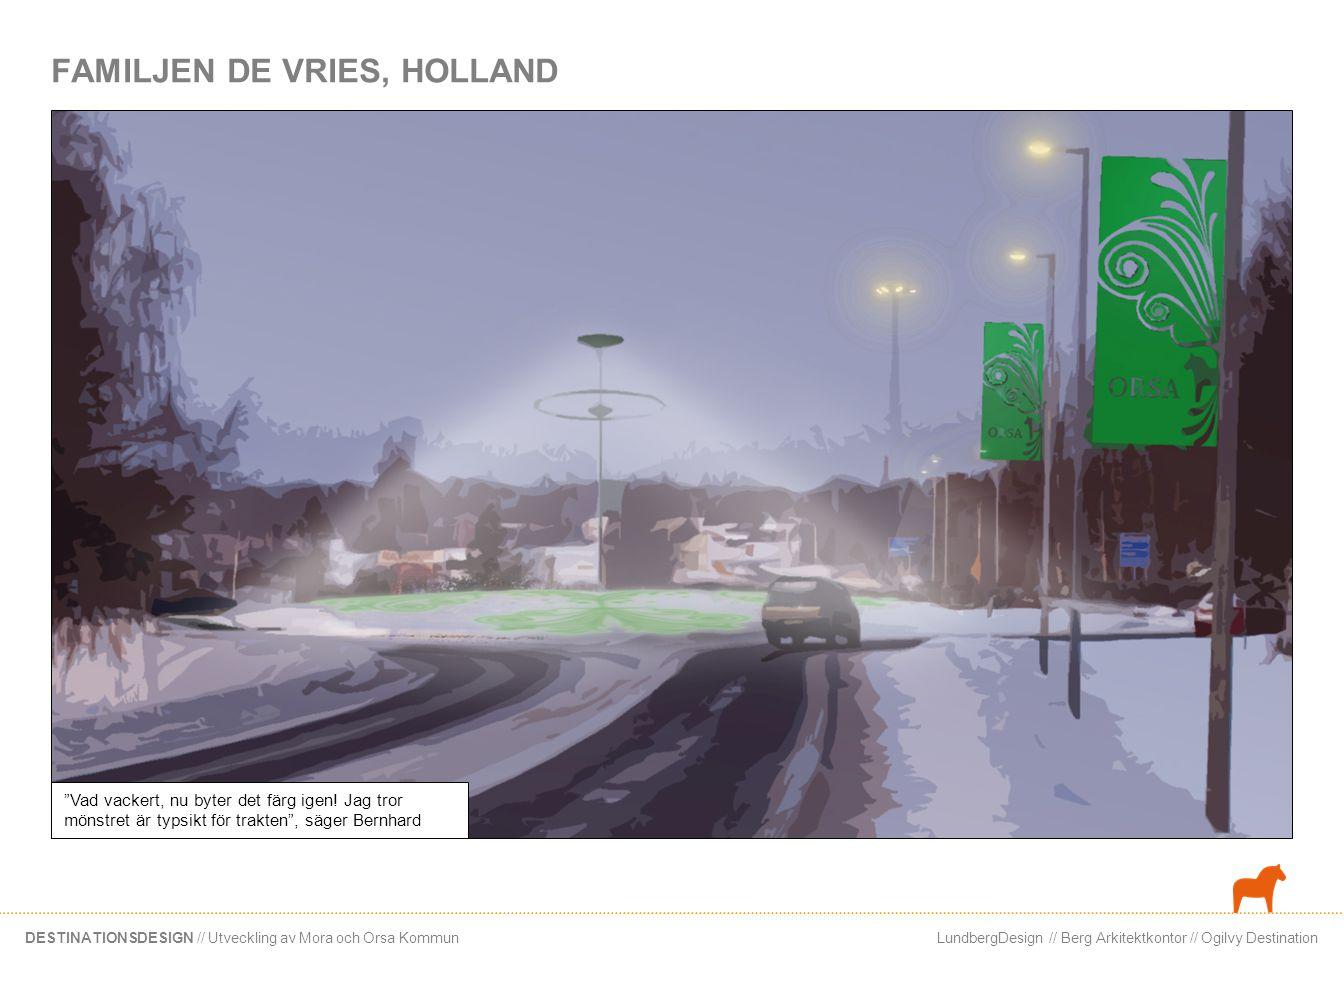 """LundbergDesign // Berg Arkitektkontor // Ogilvy DestinationDESTINATIONSDESIGN // Utveckling av Mora och Orsa Kommun FAMILJEN DE VRIES, HOLLAND """"Vad va"""